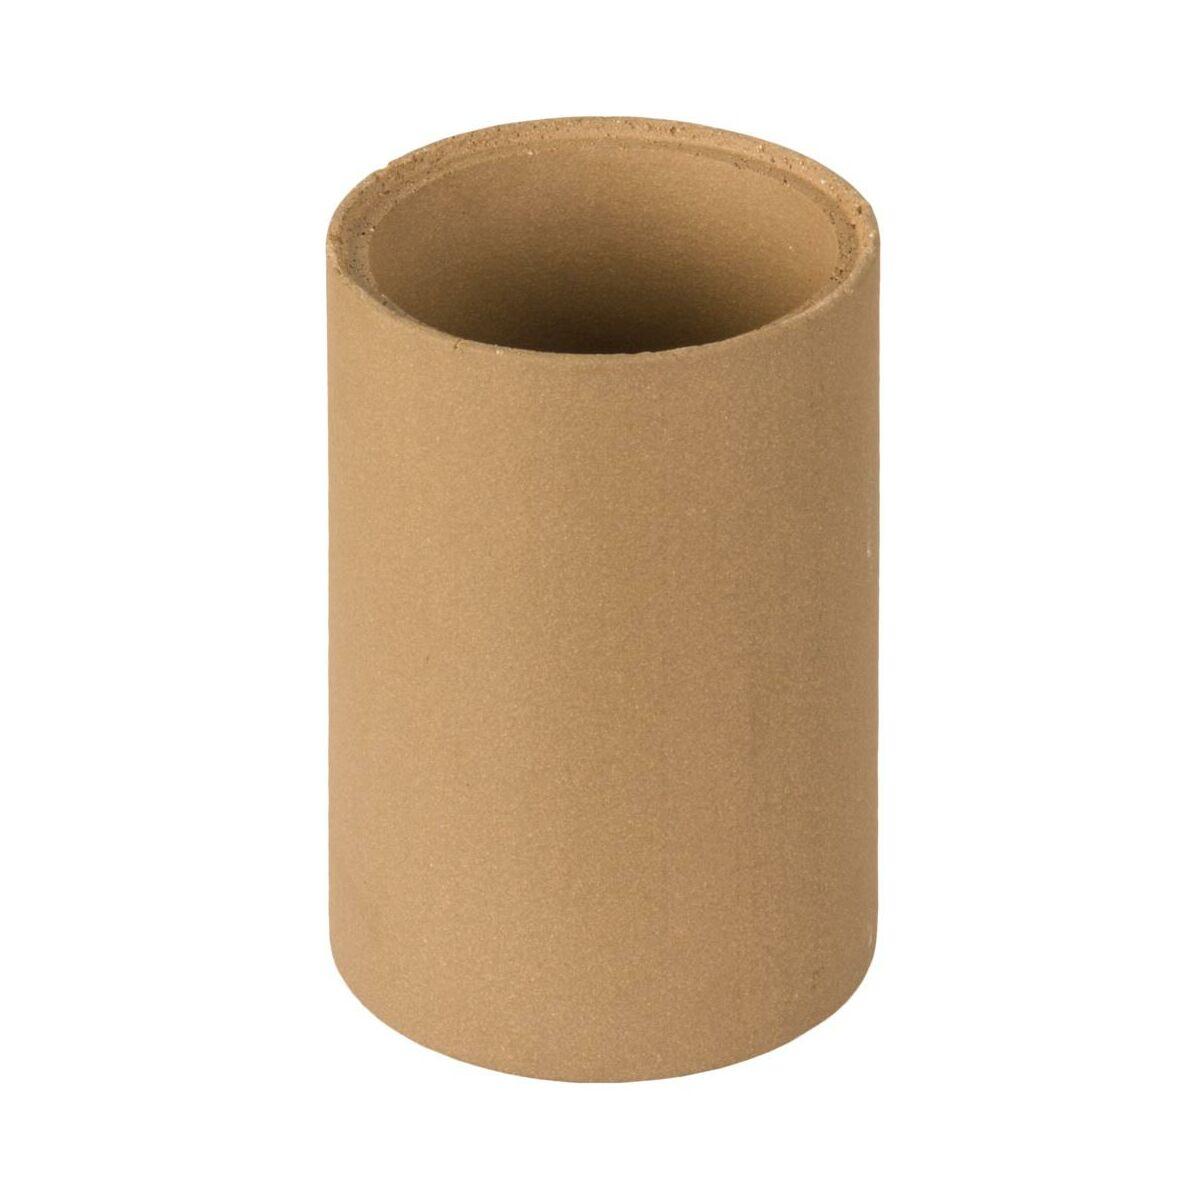 Rura Ceramiczna Fi20 Kom Dym Elementy Kominowe W Atrakcyjnej Cenie W Sklepach Leroy Merlin